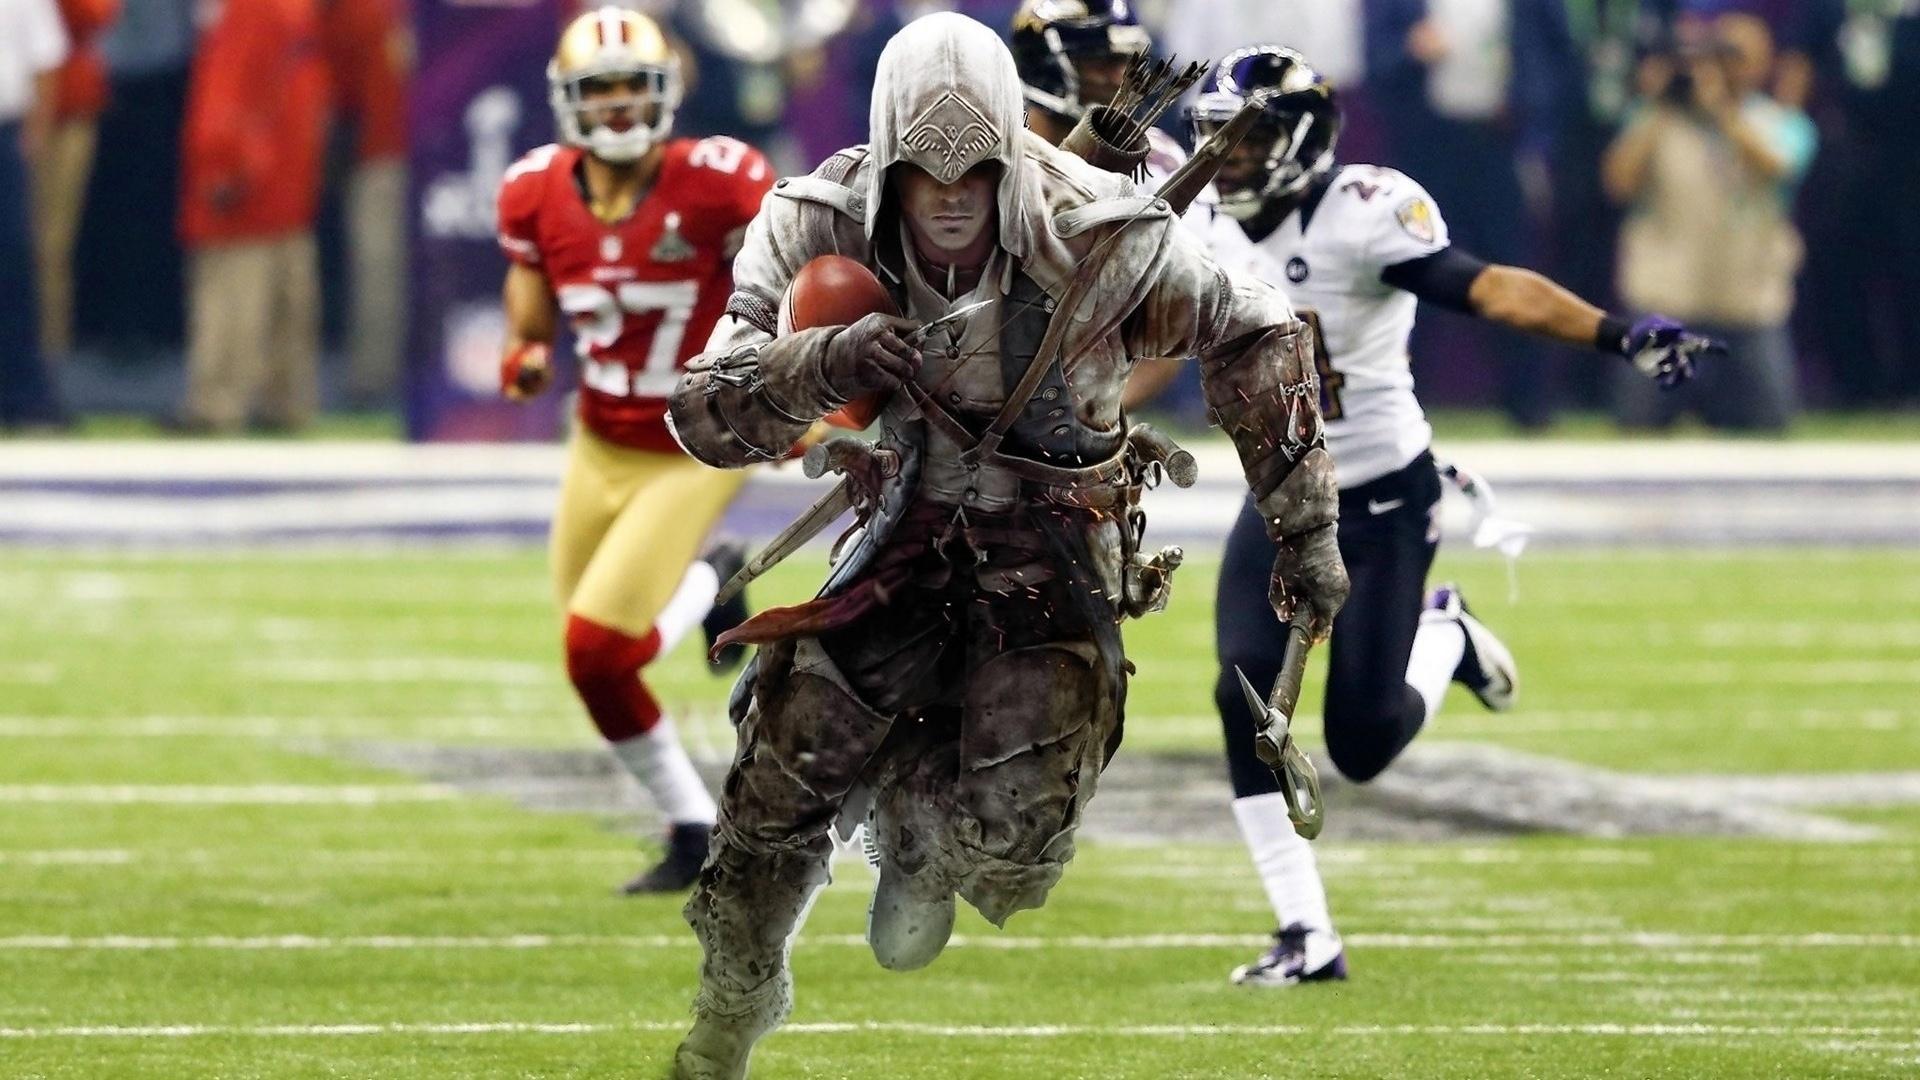 Assassins Creed Run Football NFL Wallpaper